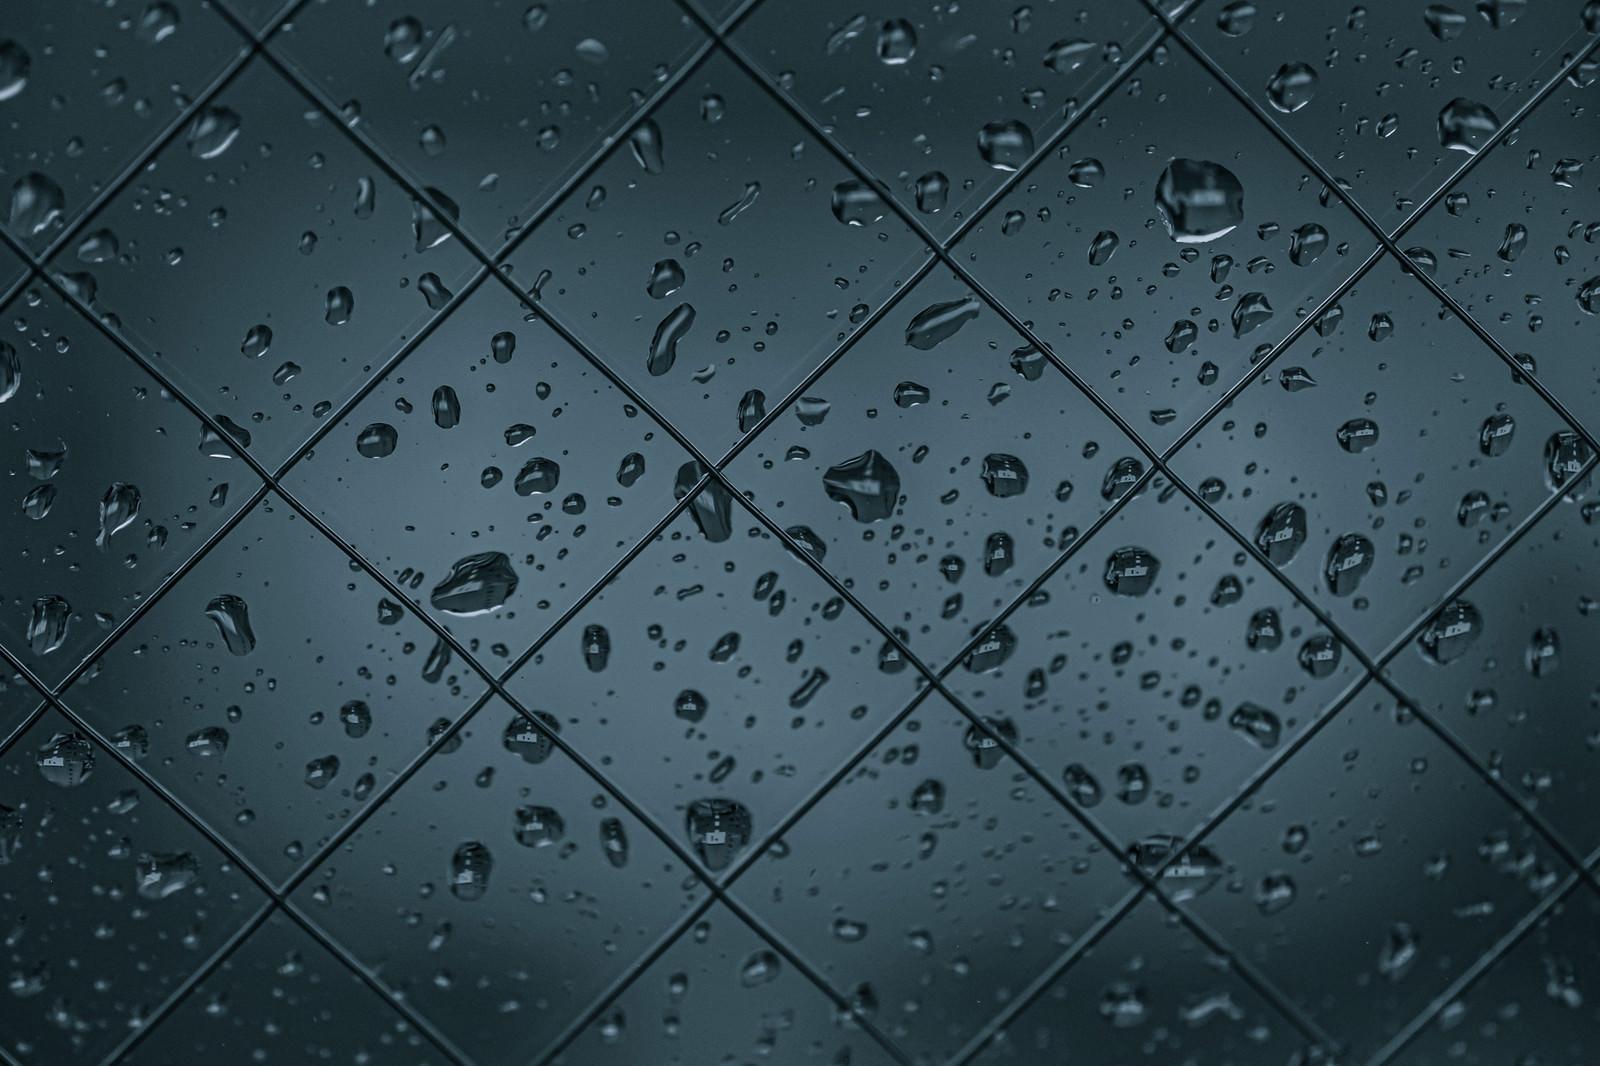 「ワイヤーの窓と水滴」の写真